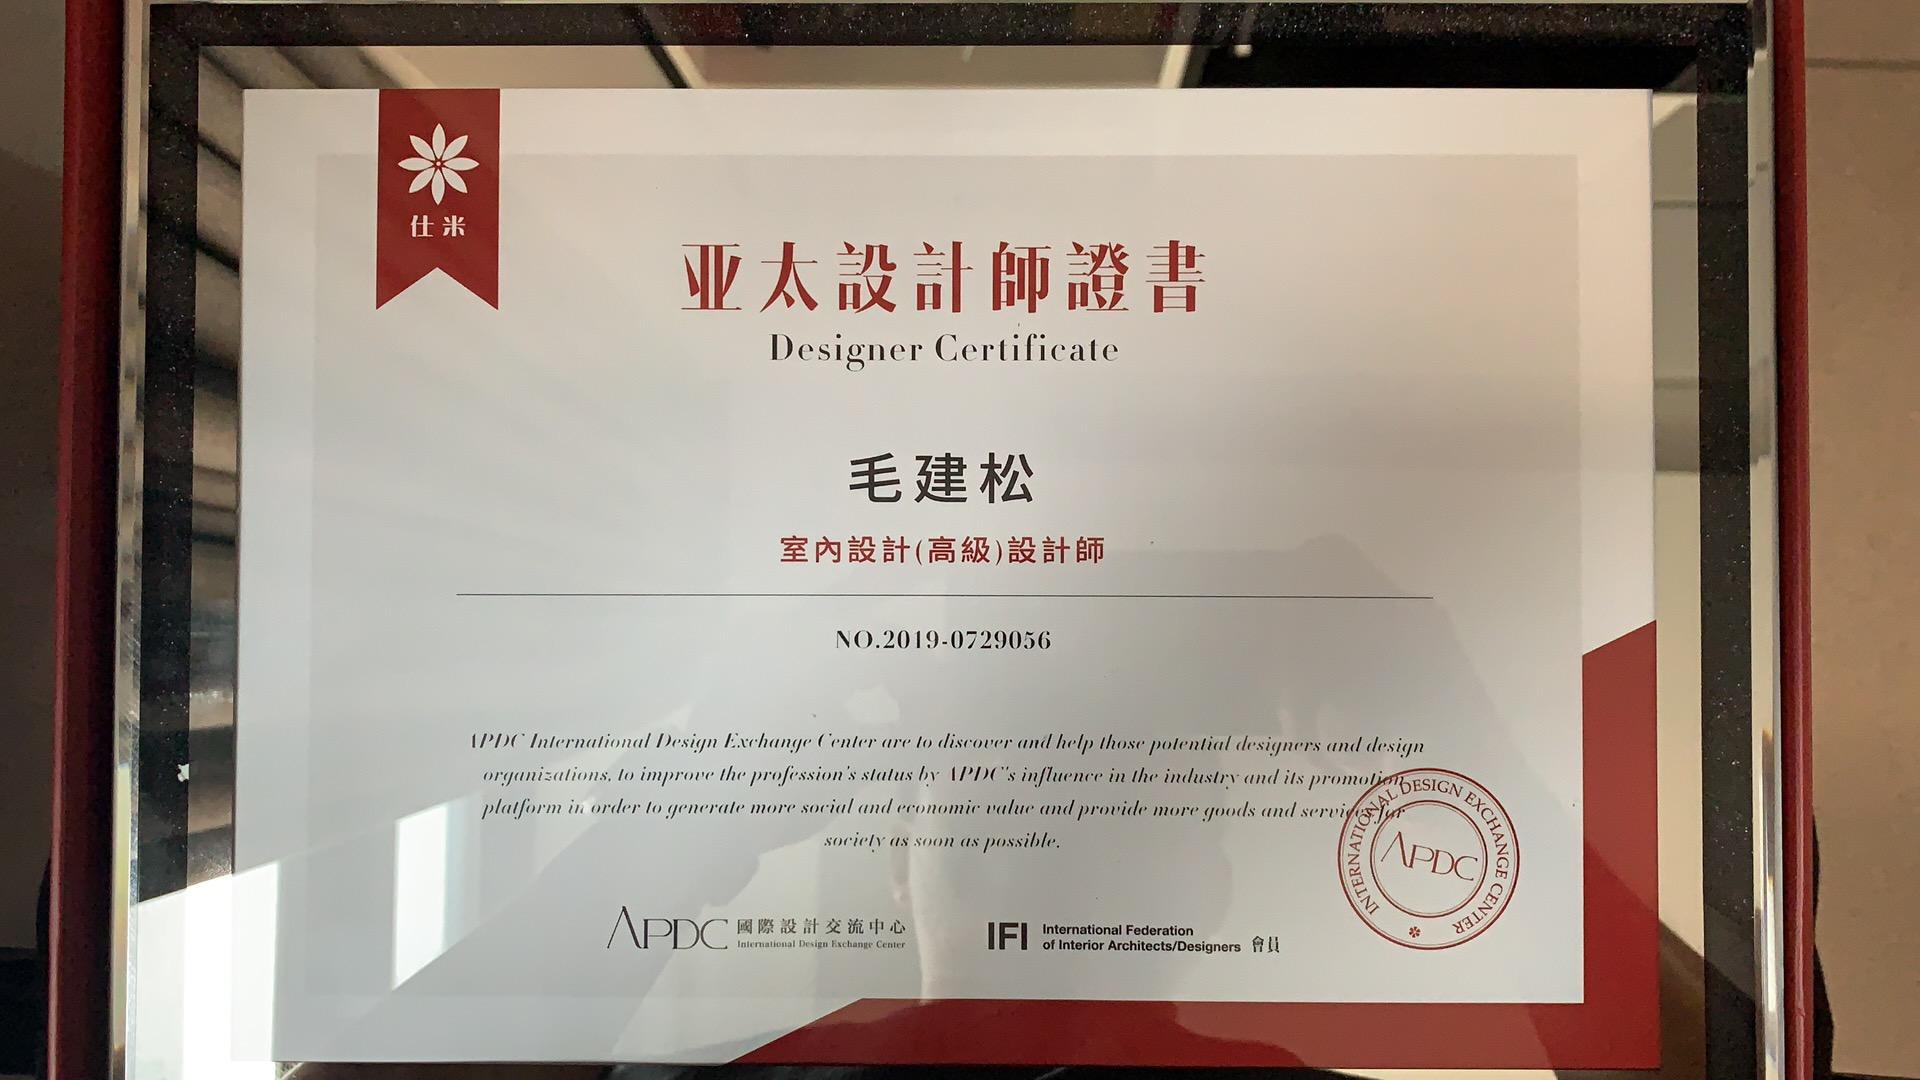 【設計大咖】APDC亞太設計中心權威認證,帶你走進他的設計世界